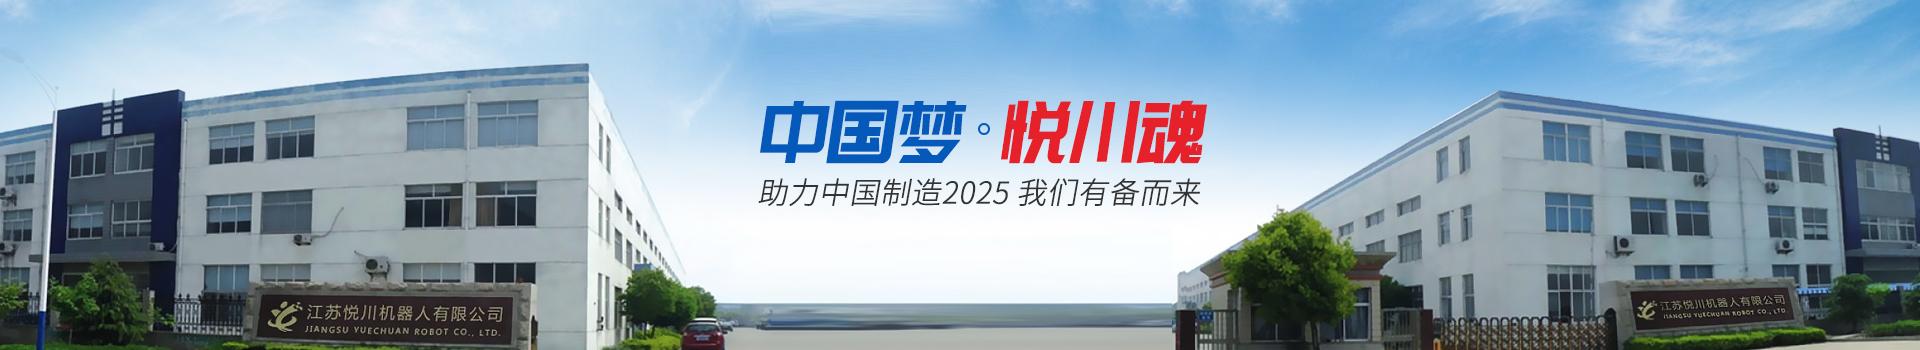 悦川机器人-助力中国制造2025 我们有备而来